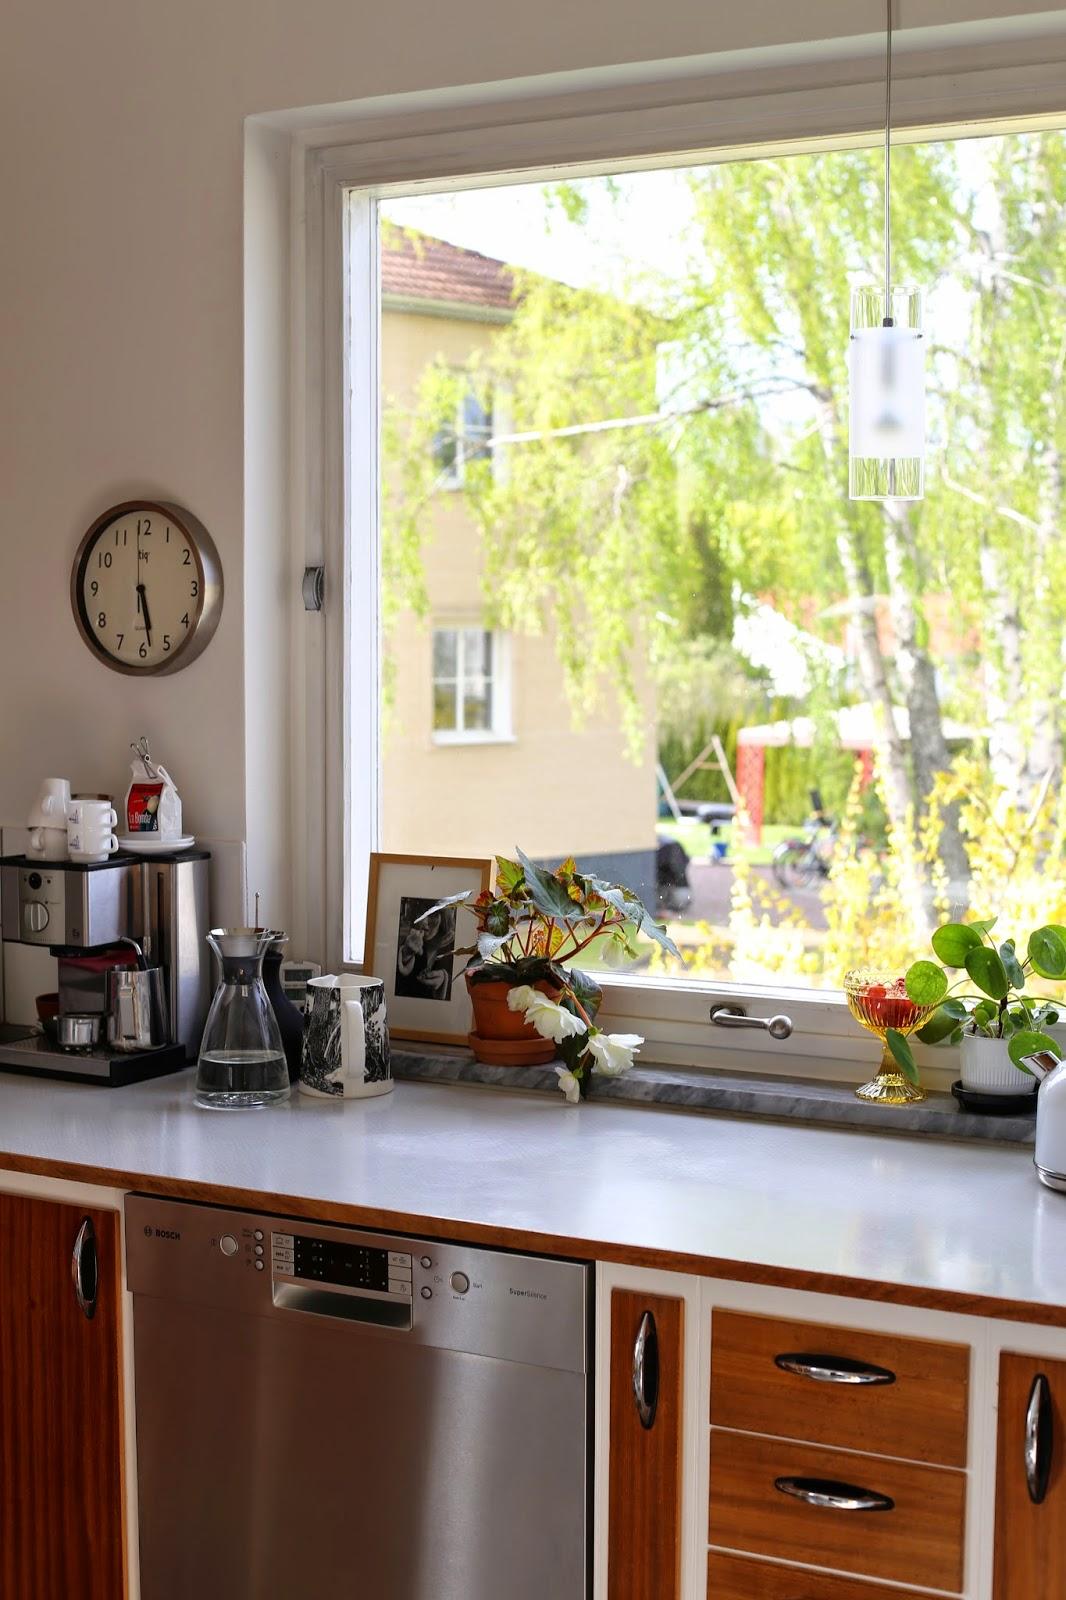 Mitt 60 talshus: ett rum och kök